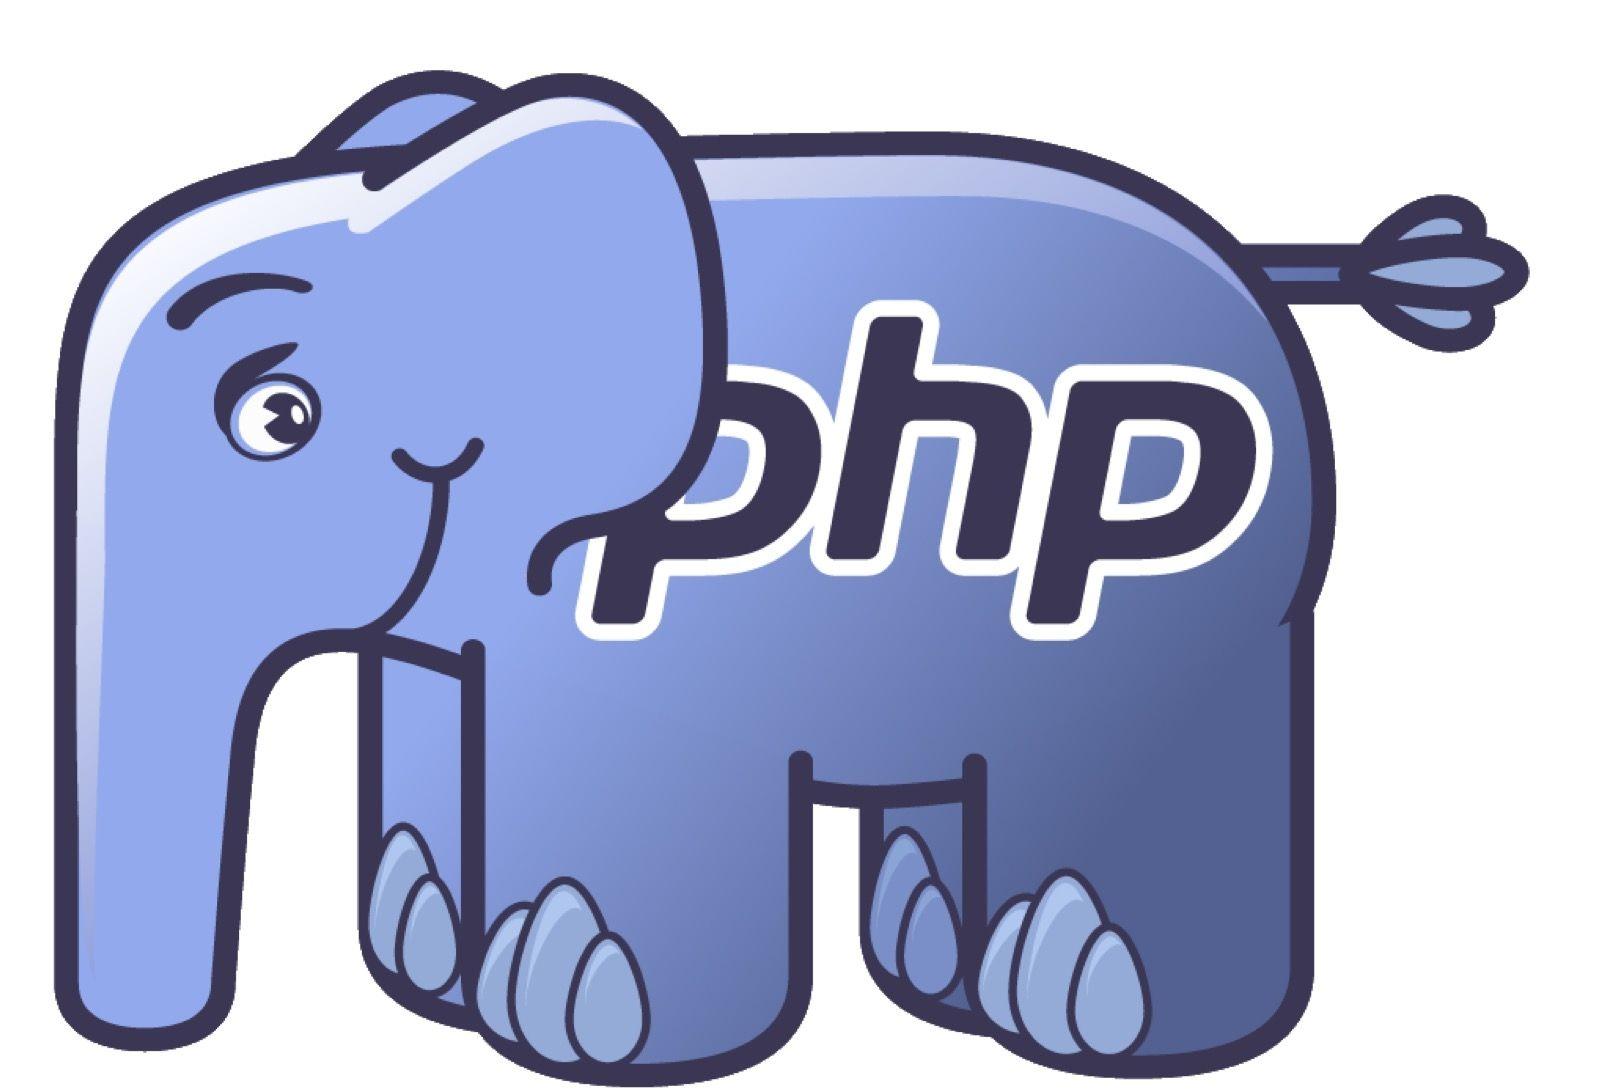 CentOS编译安装PHP(pecl)扩展方法